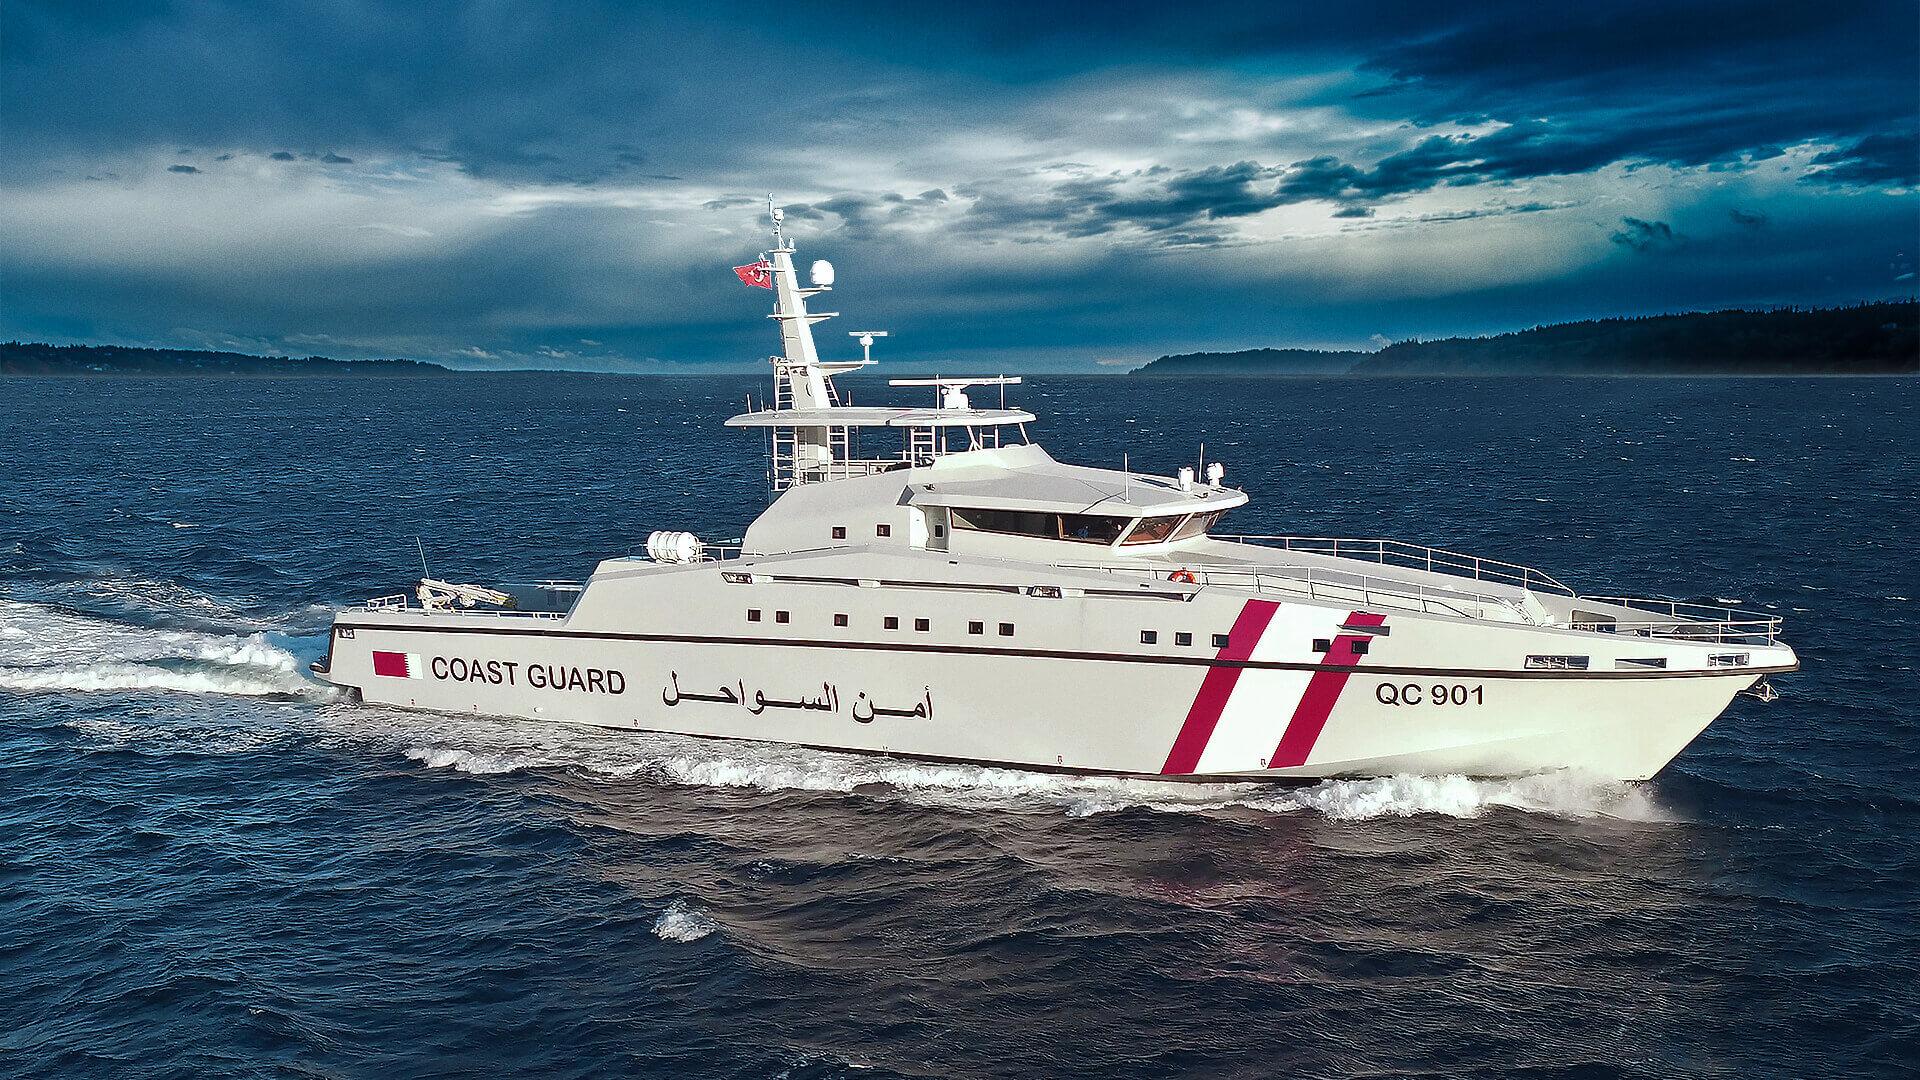 images/vessels/01-patrol-craft/02-series-hercules/01-ares-150-hercules/01.jpg